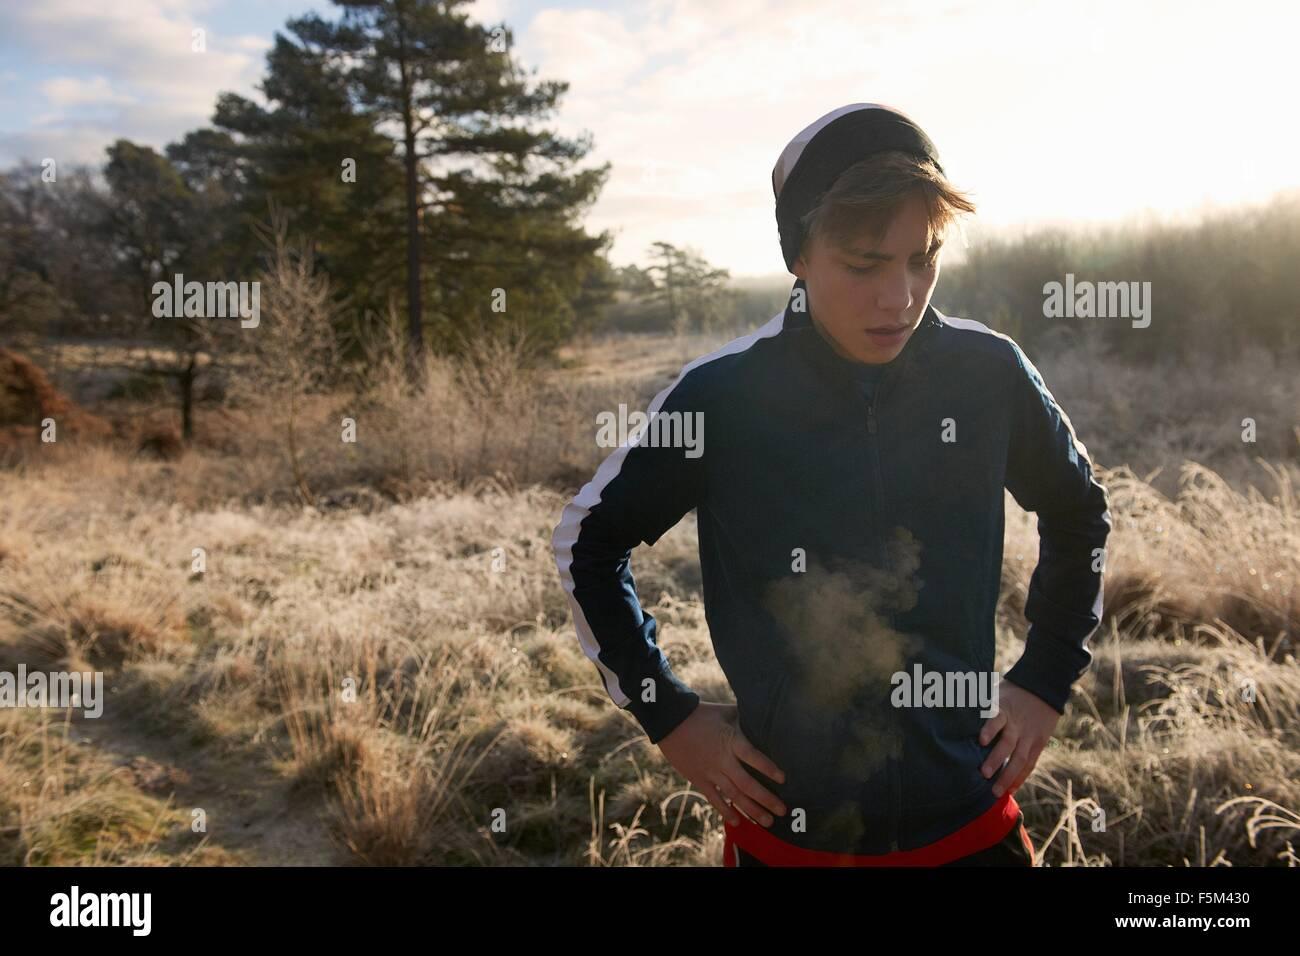 Teenage boy sur prairie givrée visible, souffle, les mains sur les hanches à la bas Photo Stock